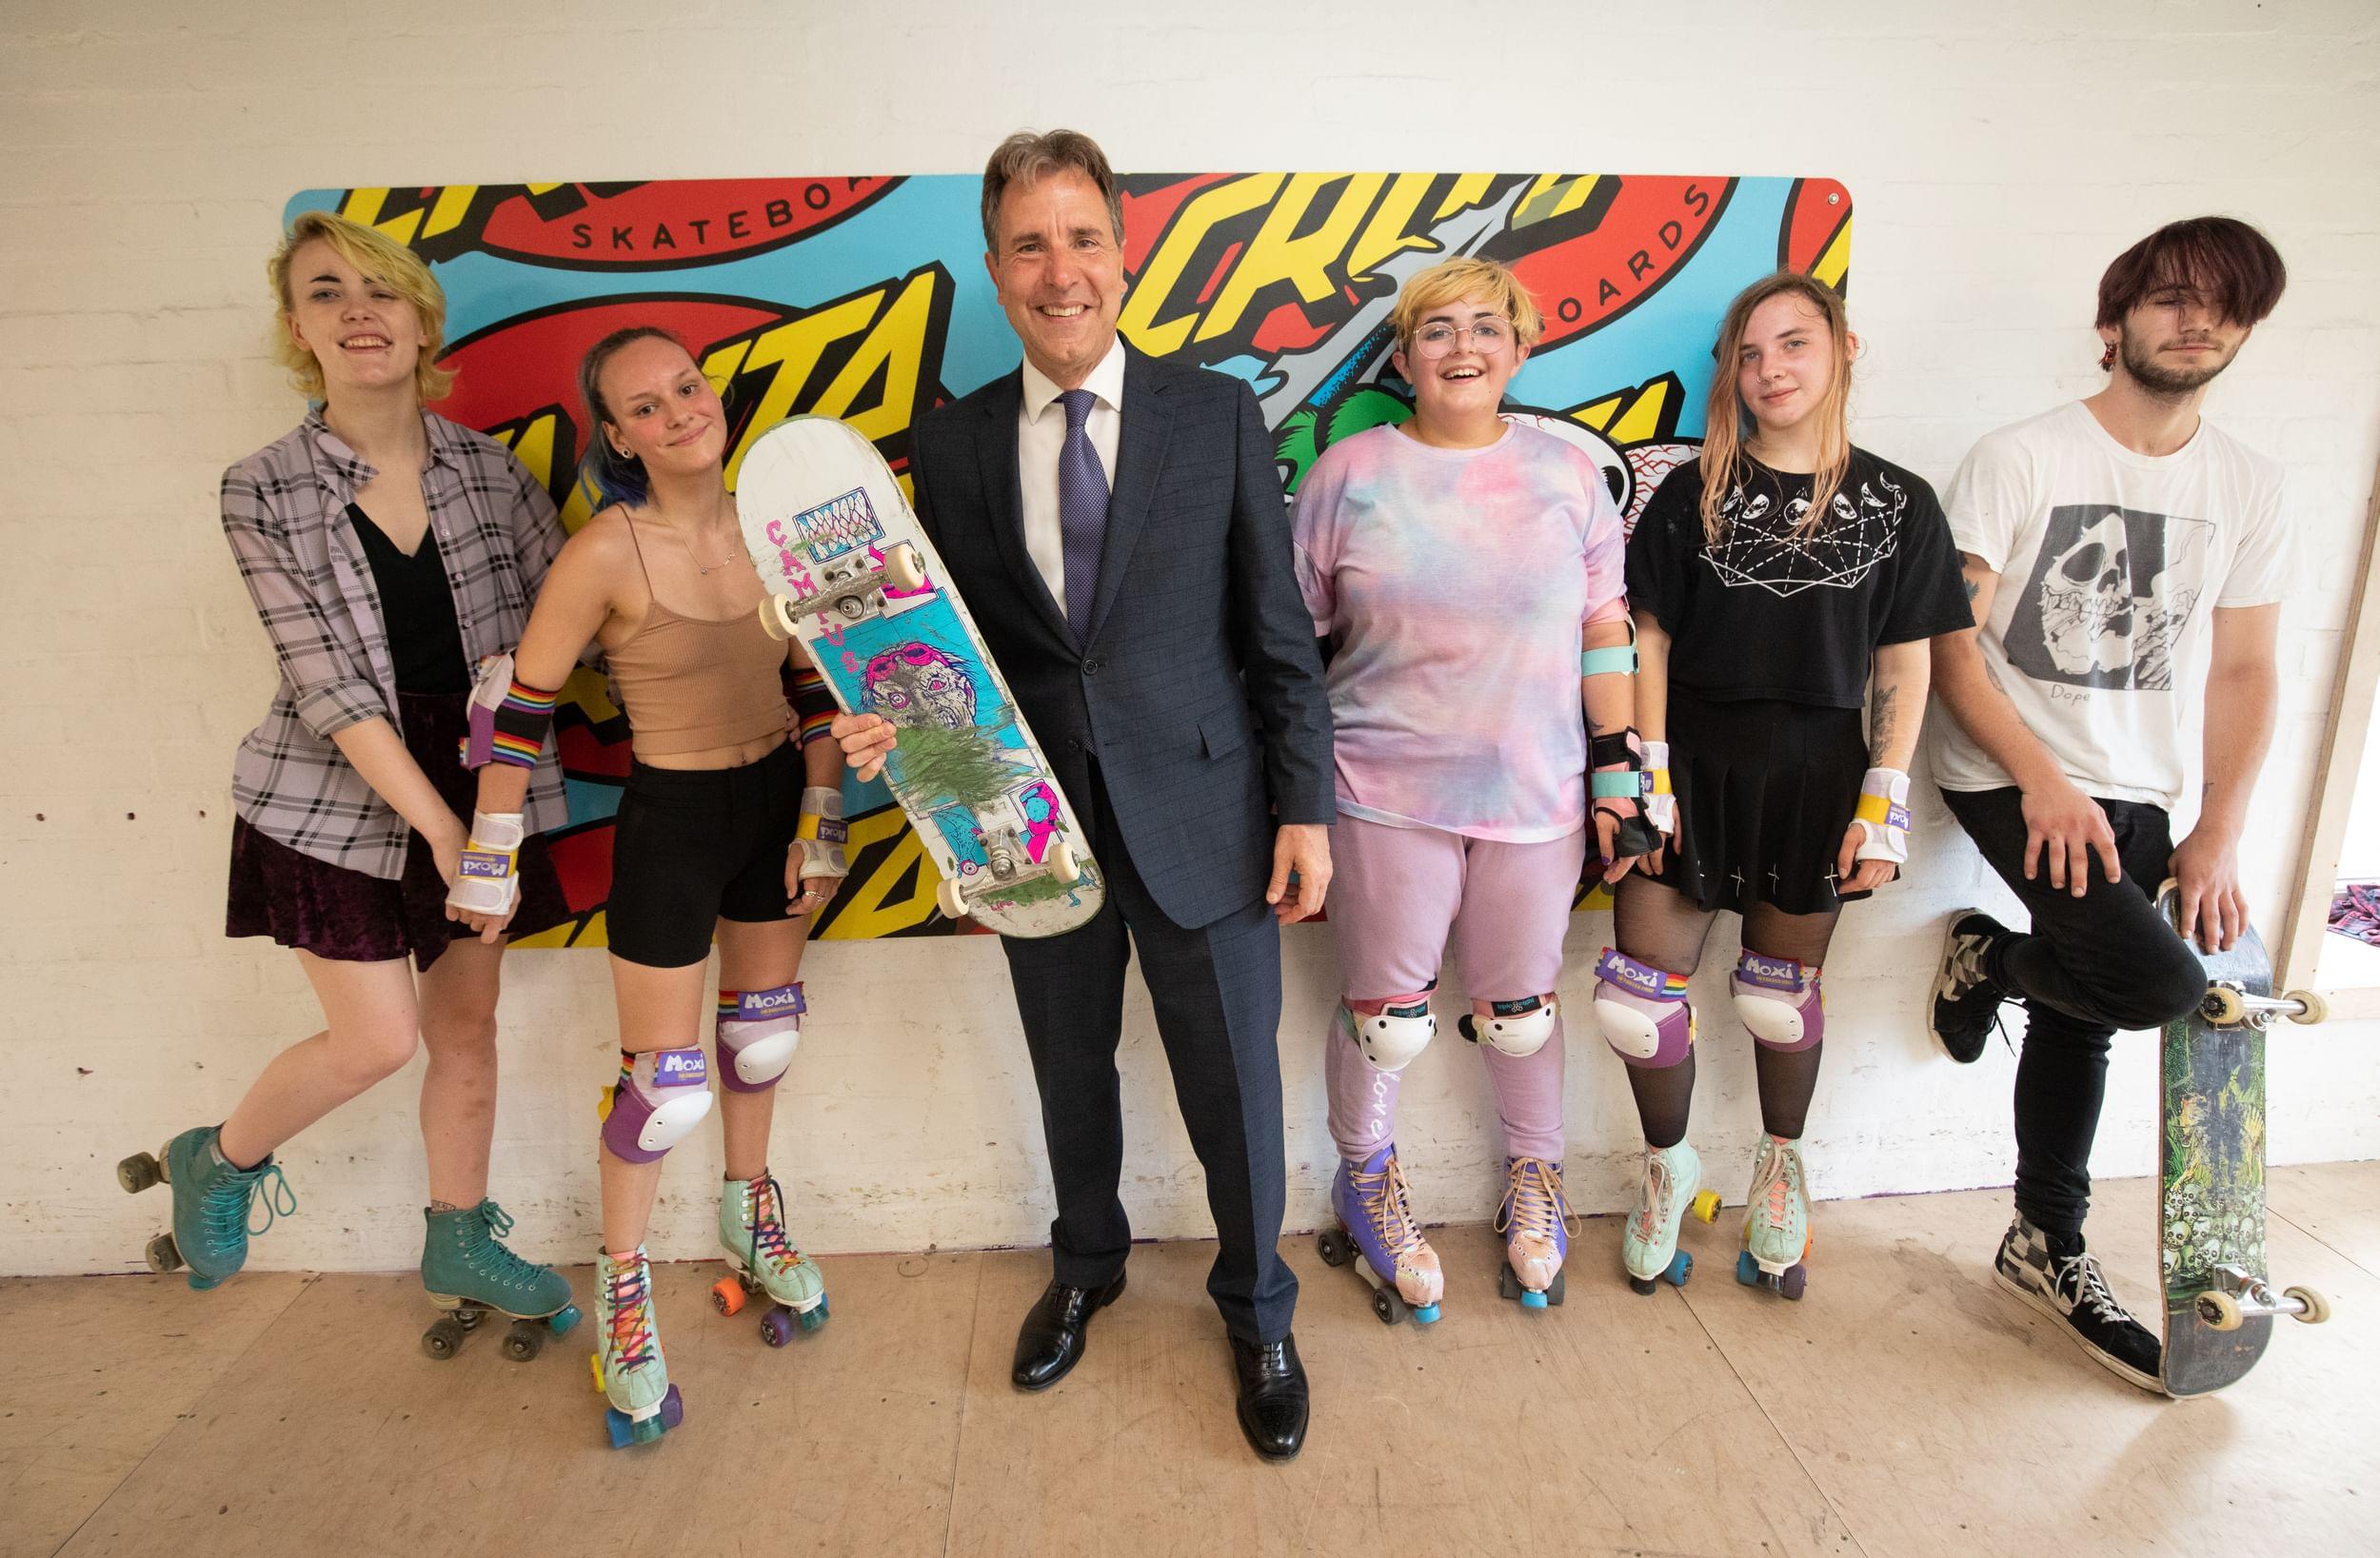 Metro Mayor Dan Norris with skateboarders